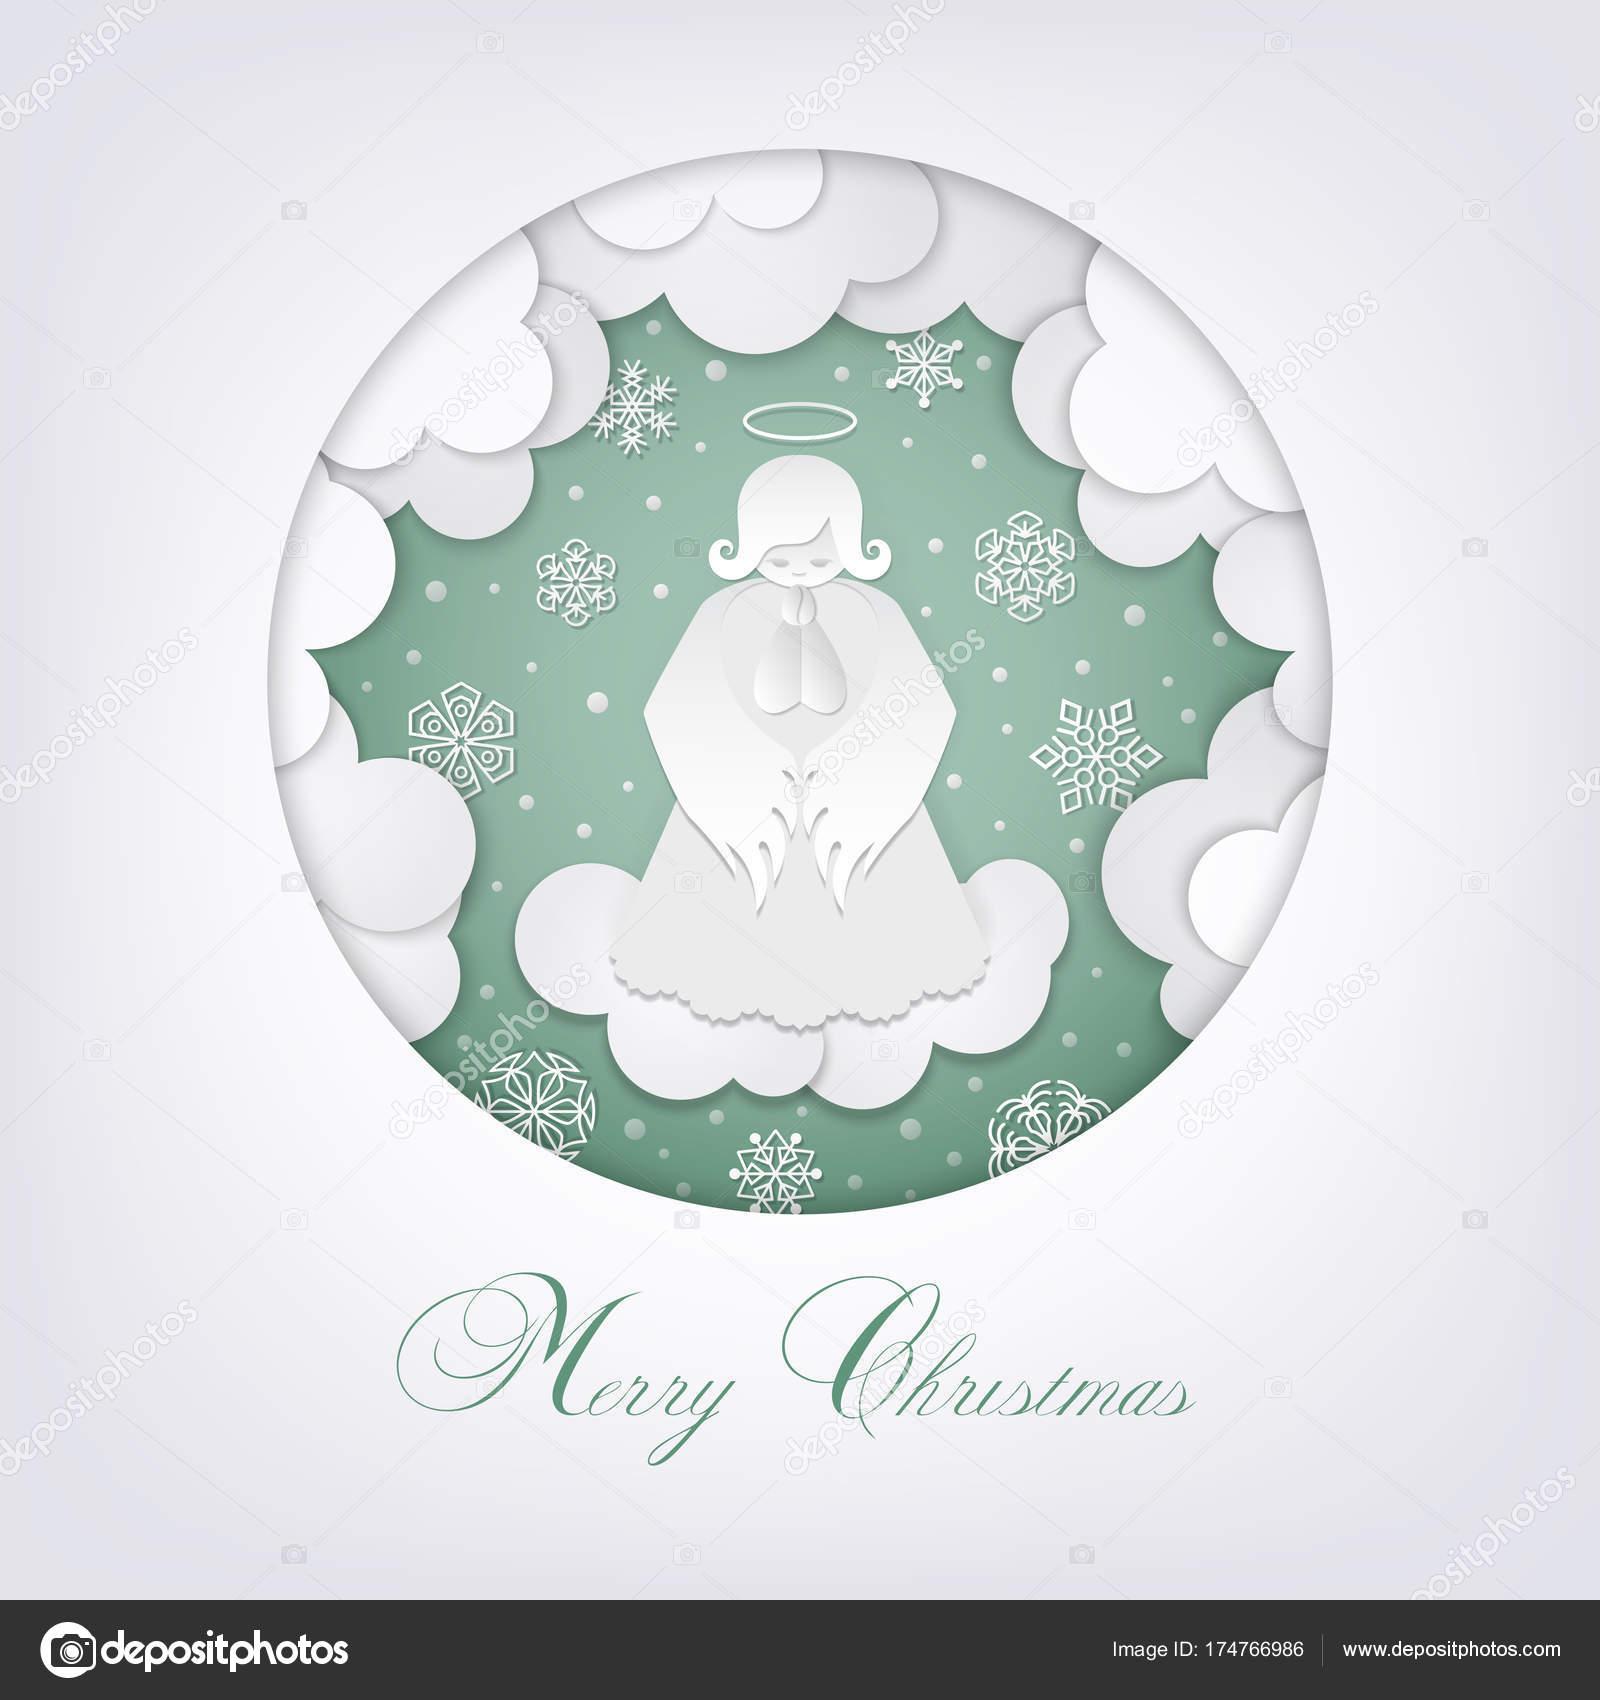 Weihnachten Scherenschnitt.Frohe Scherenschnitt Weihnachten Karte Stockvektor Mirrima